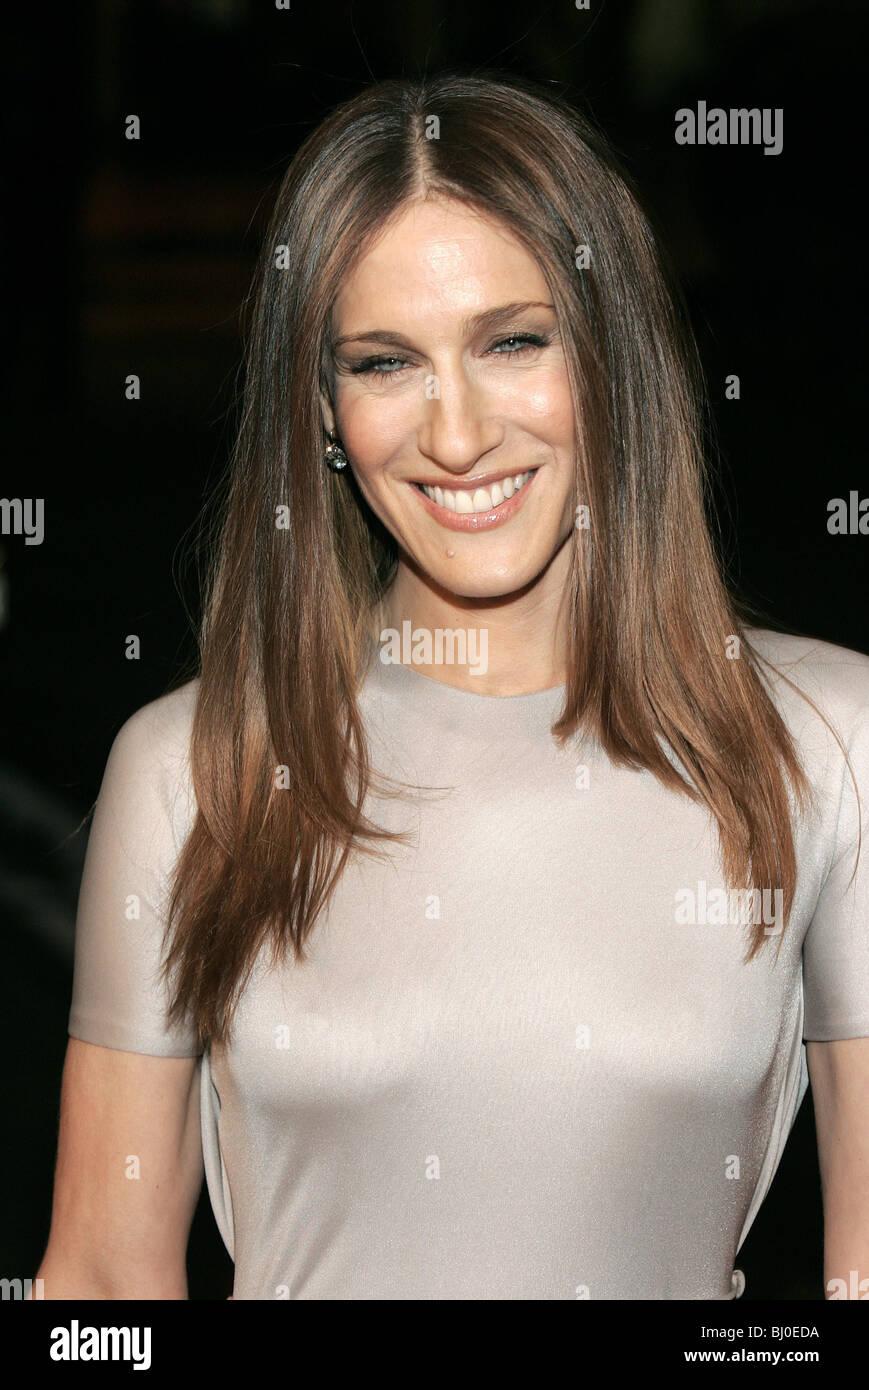 SARAH JESSICA PARKER ACTRESS WESTWOOD  CALIFORNIA  USA 06/12/2005 - Stock Image